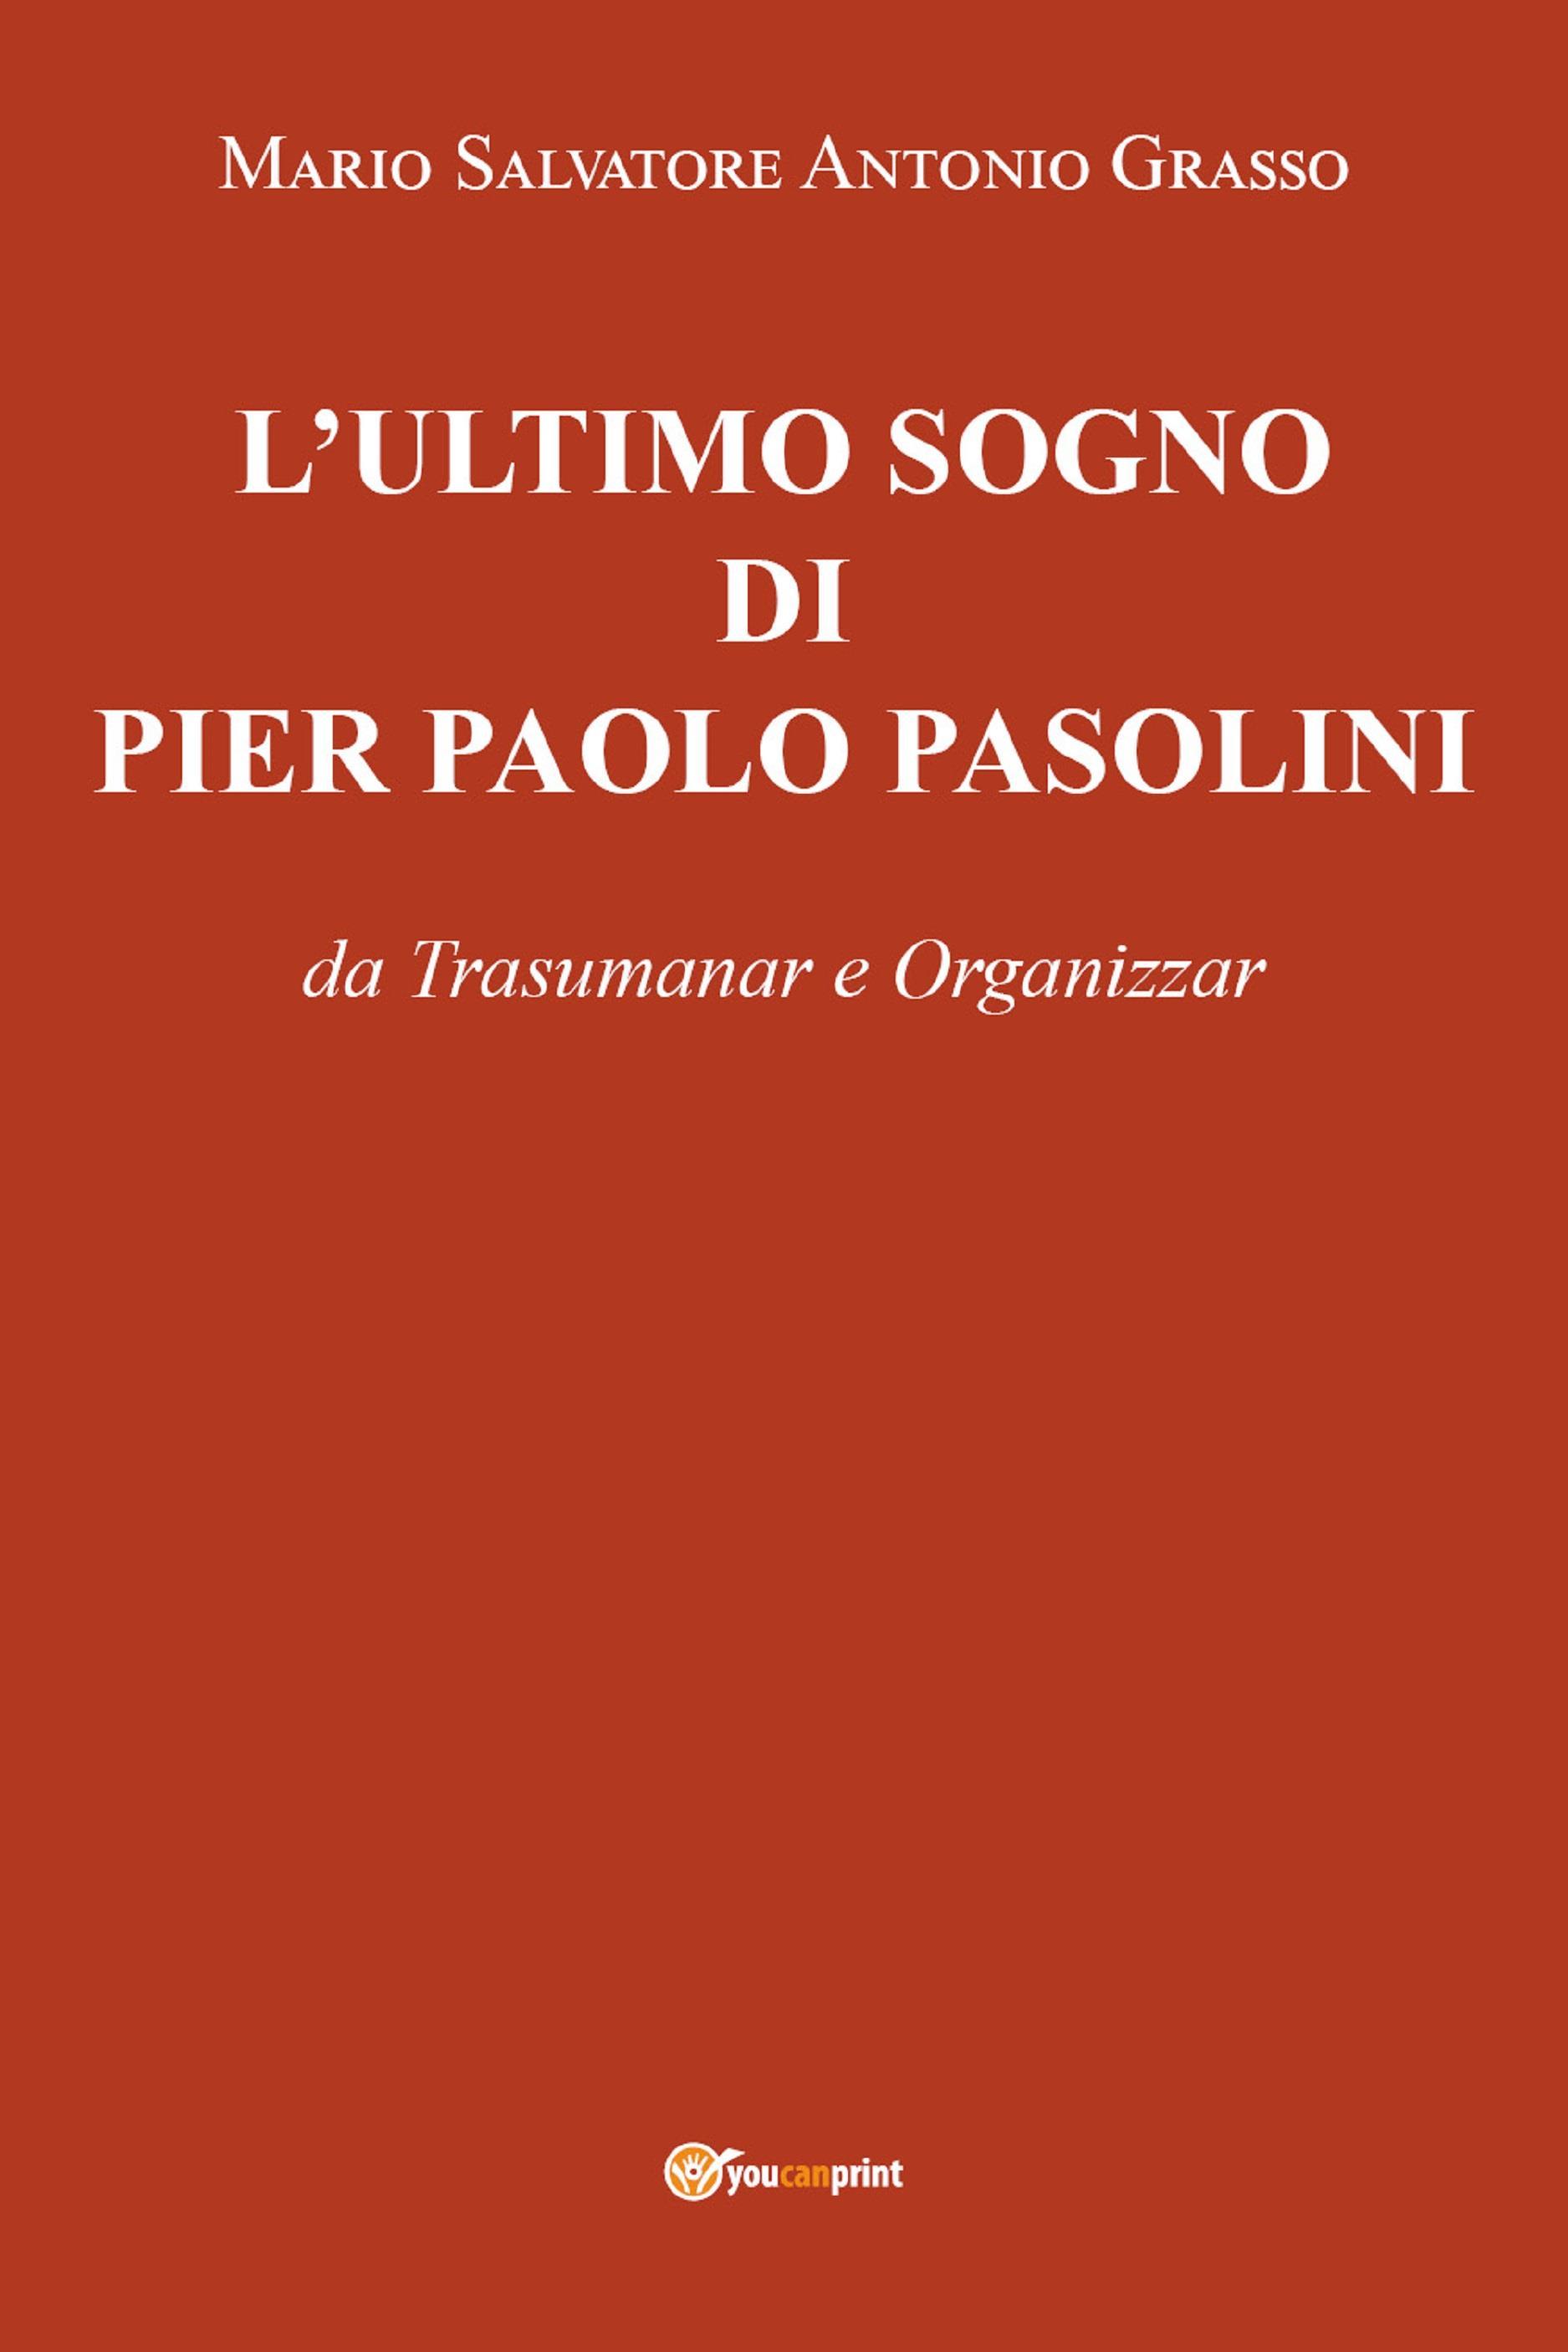 L'Ultimo sogno di Pier Paolo Pasolini